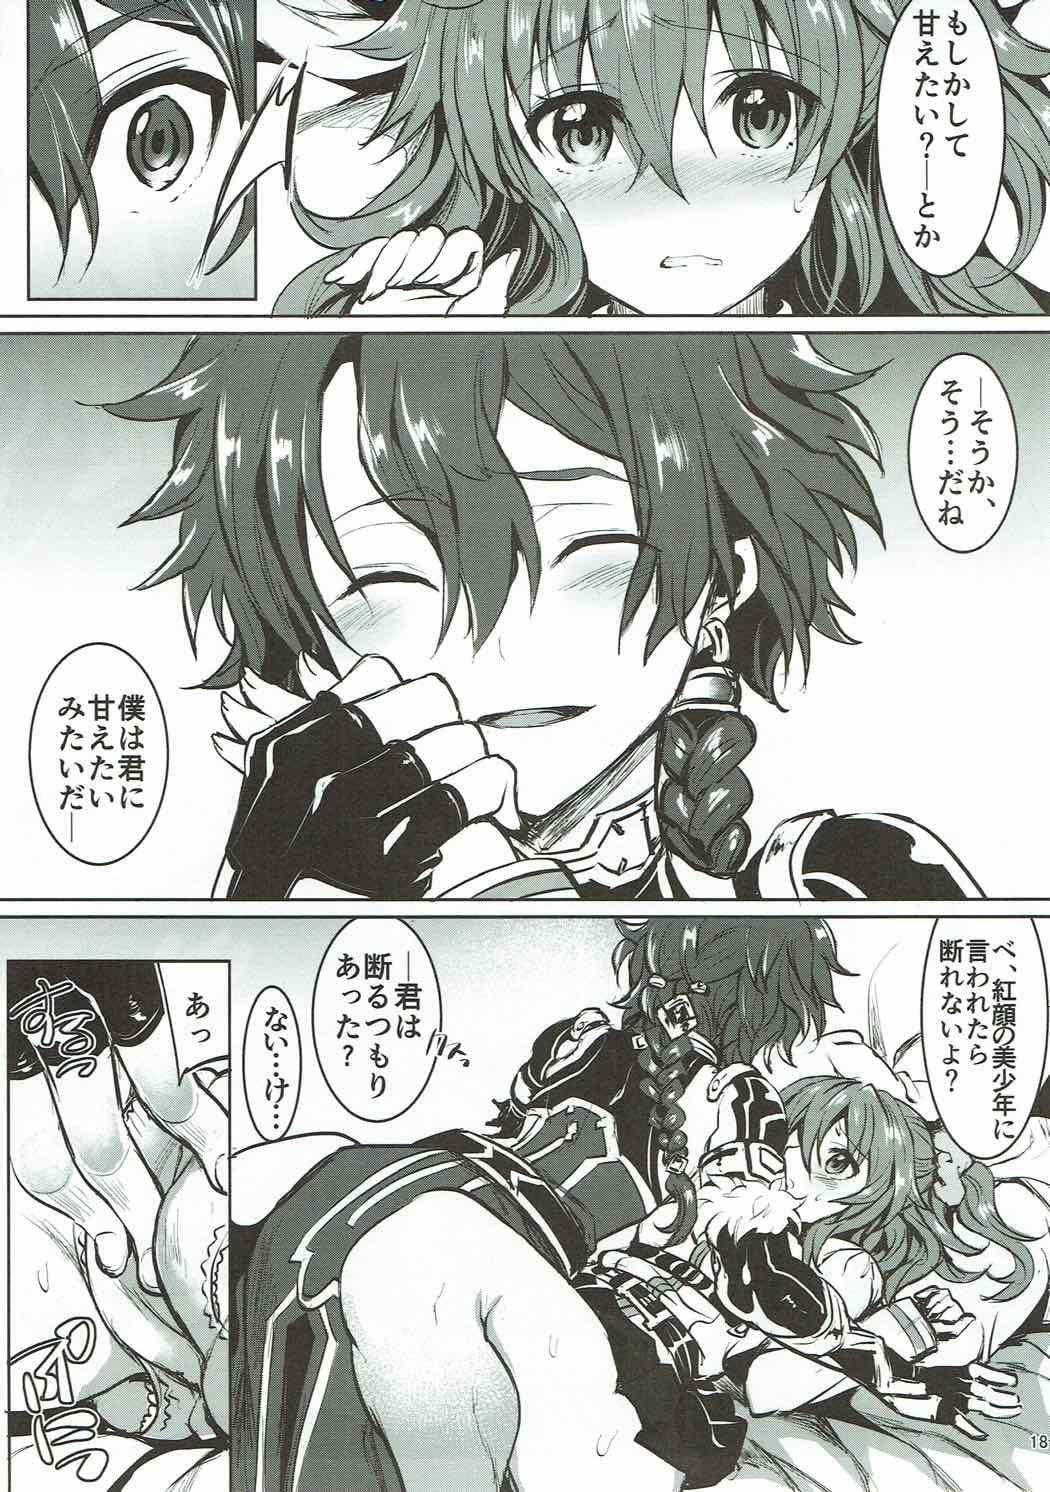 【エロ同人誌】大蛇にタイツを破られ犯されてしまう夢を見たぐだ子だったが…!?【Fate/Grand Order/C92】